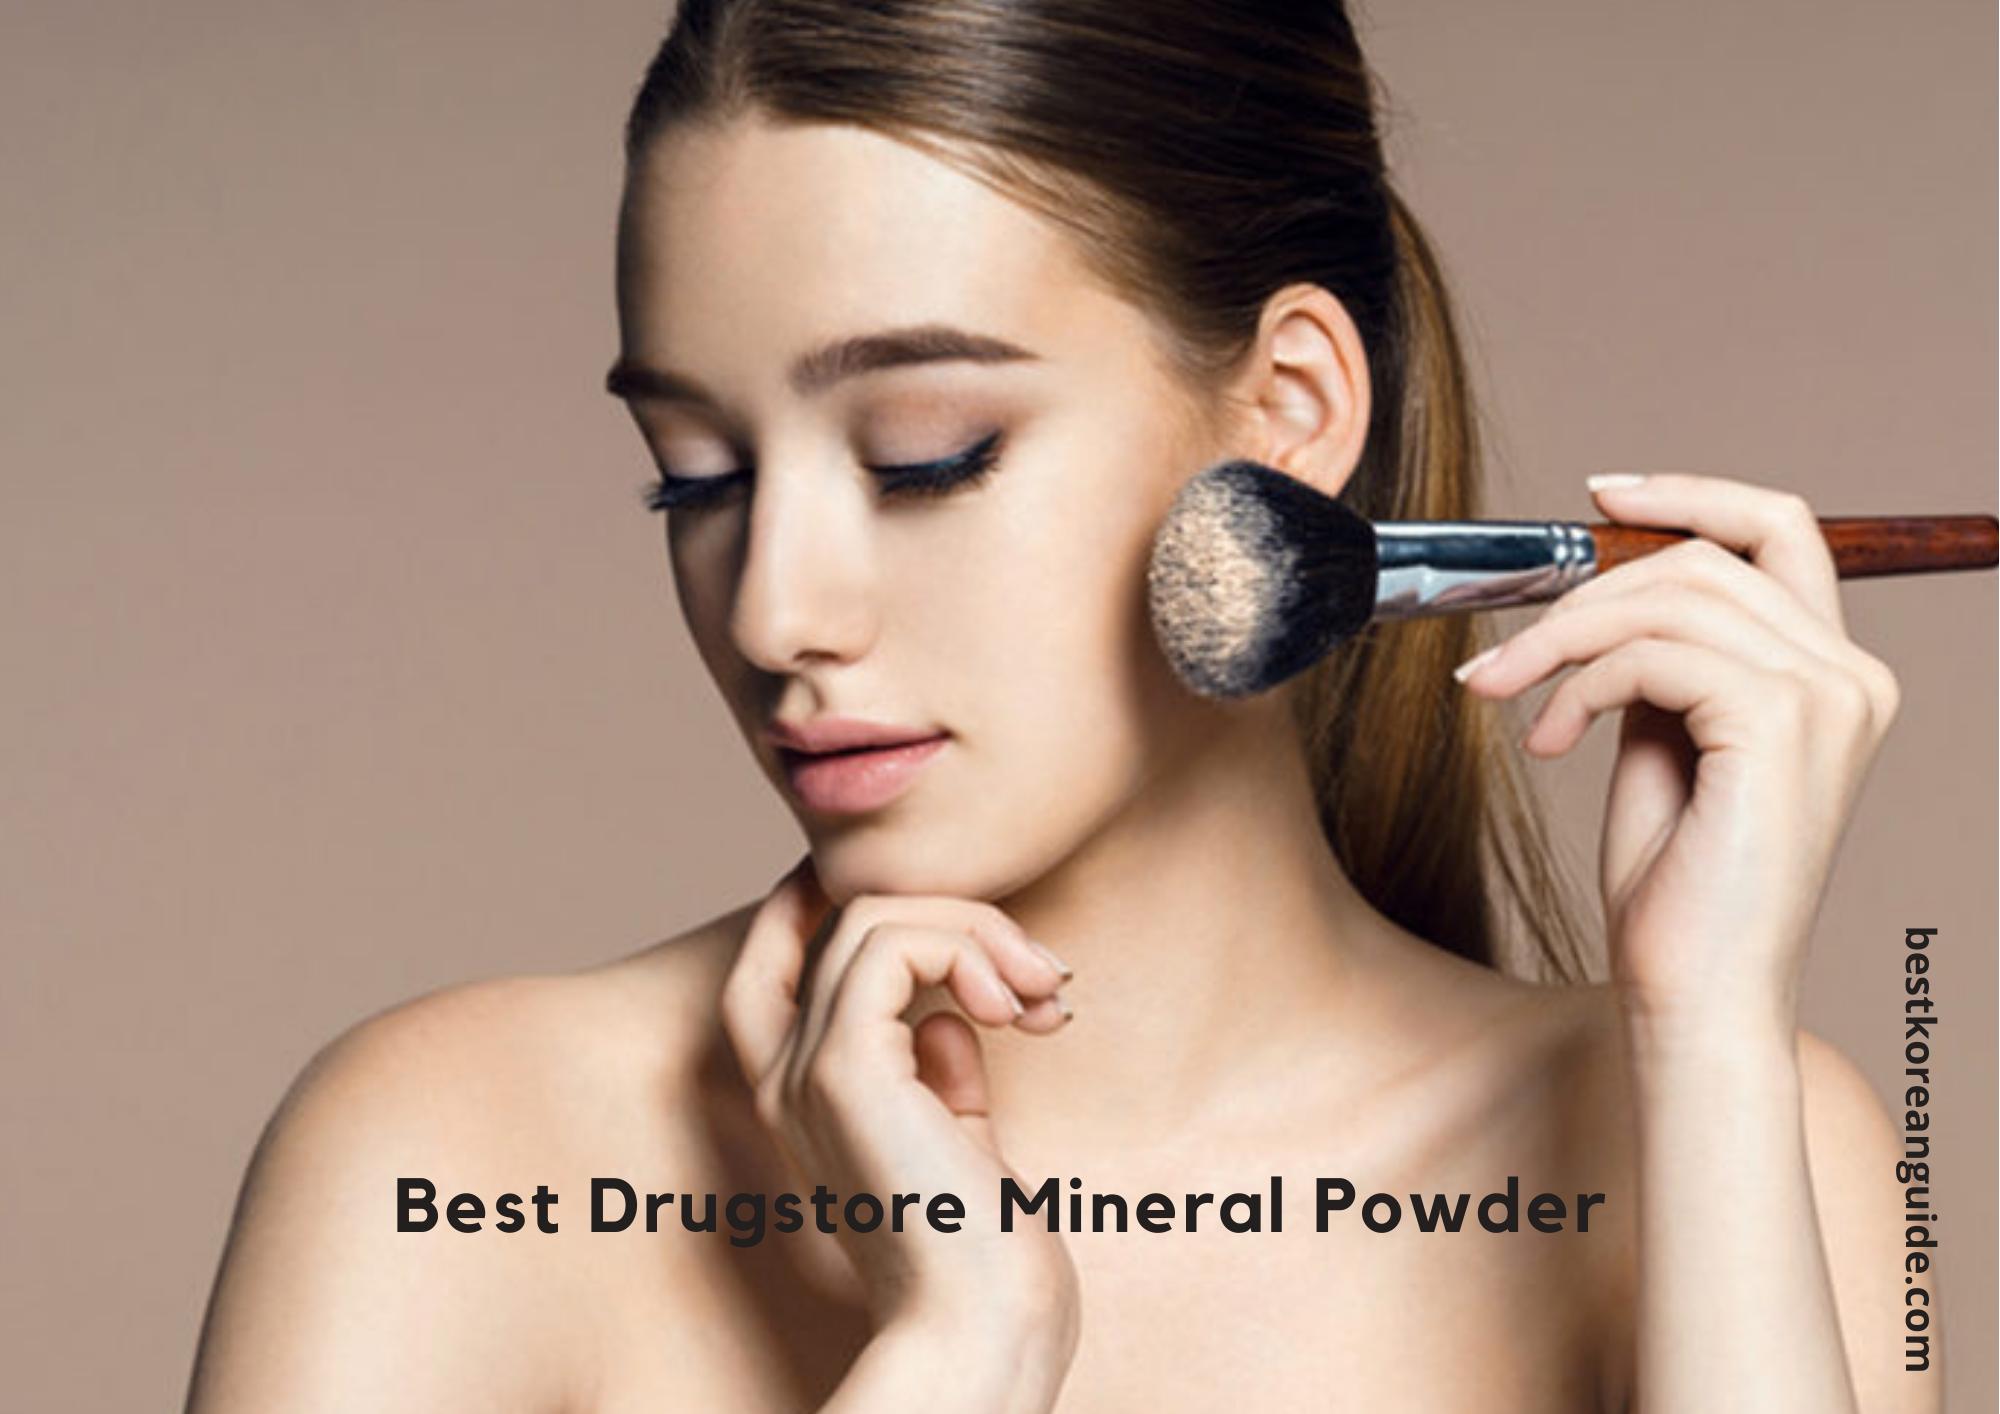 Best Drugstore Mineral Powder